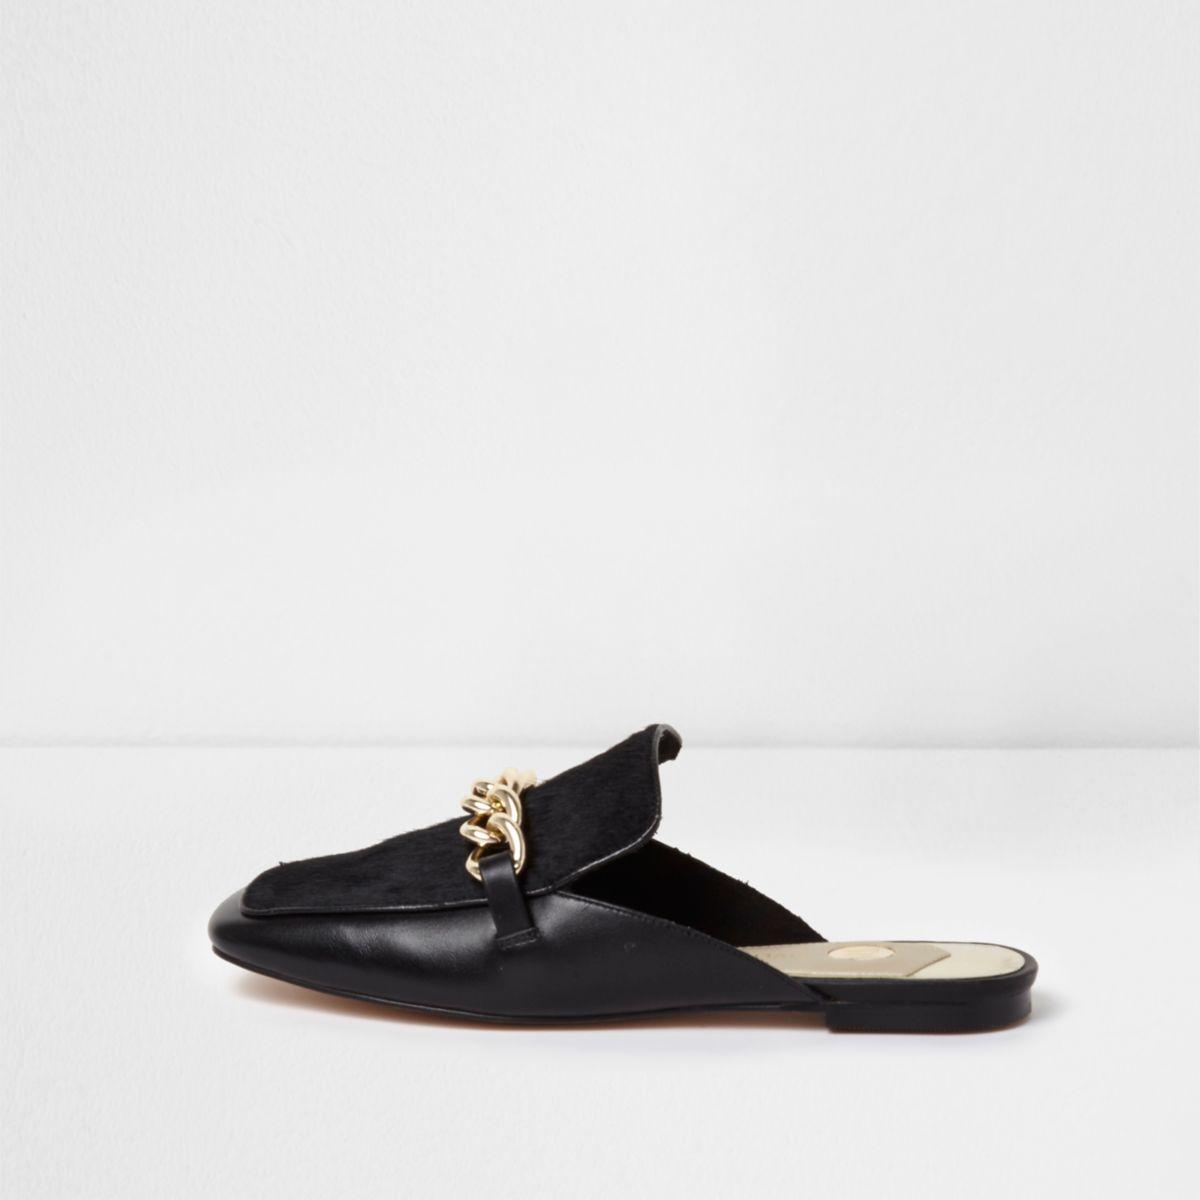 Schwarze Loafer aus Leder mit Ponyfell und Zierkette